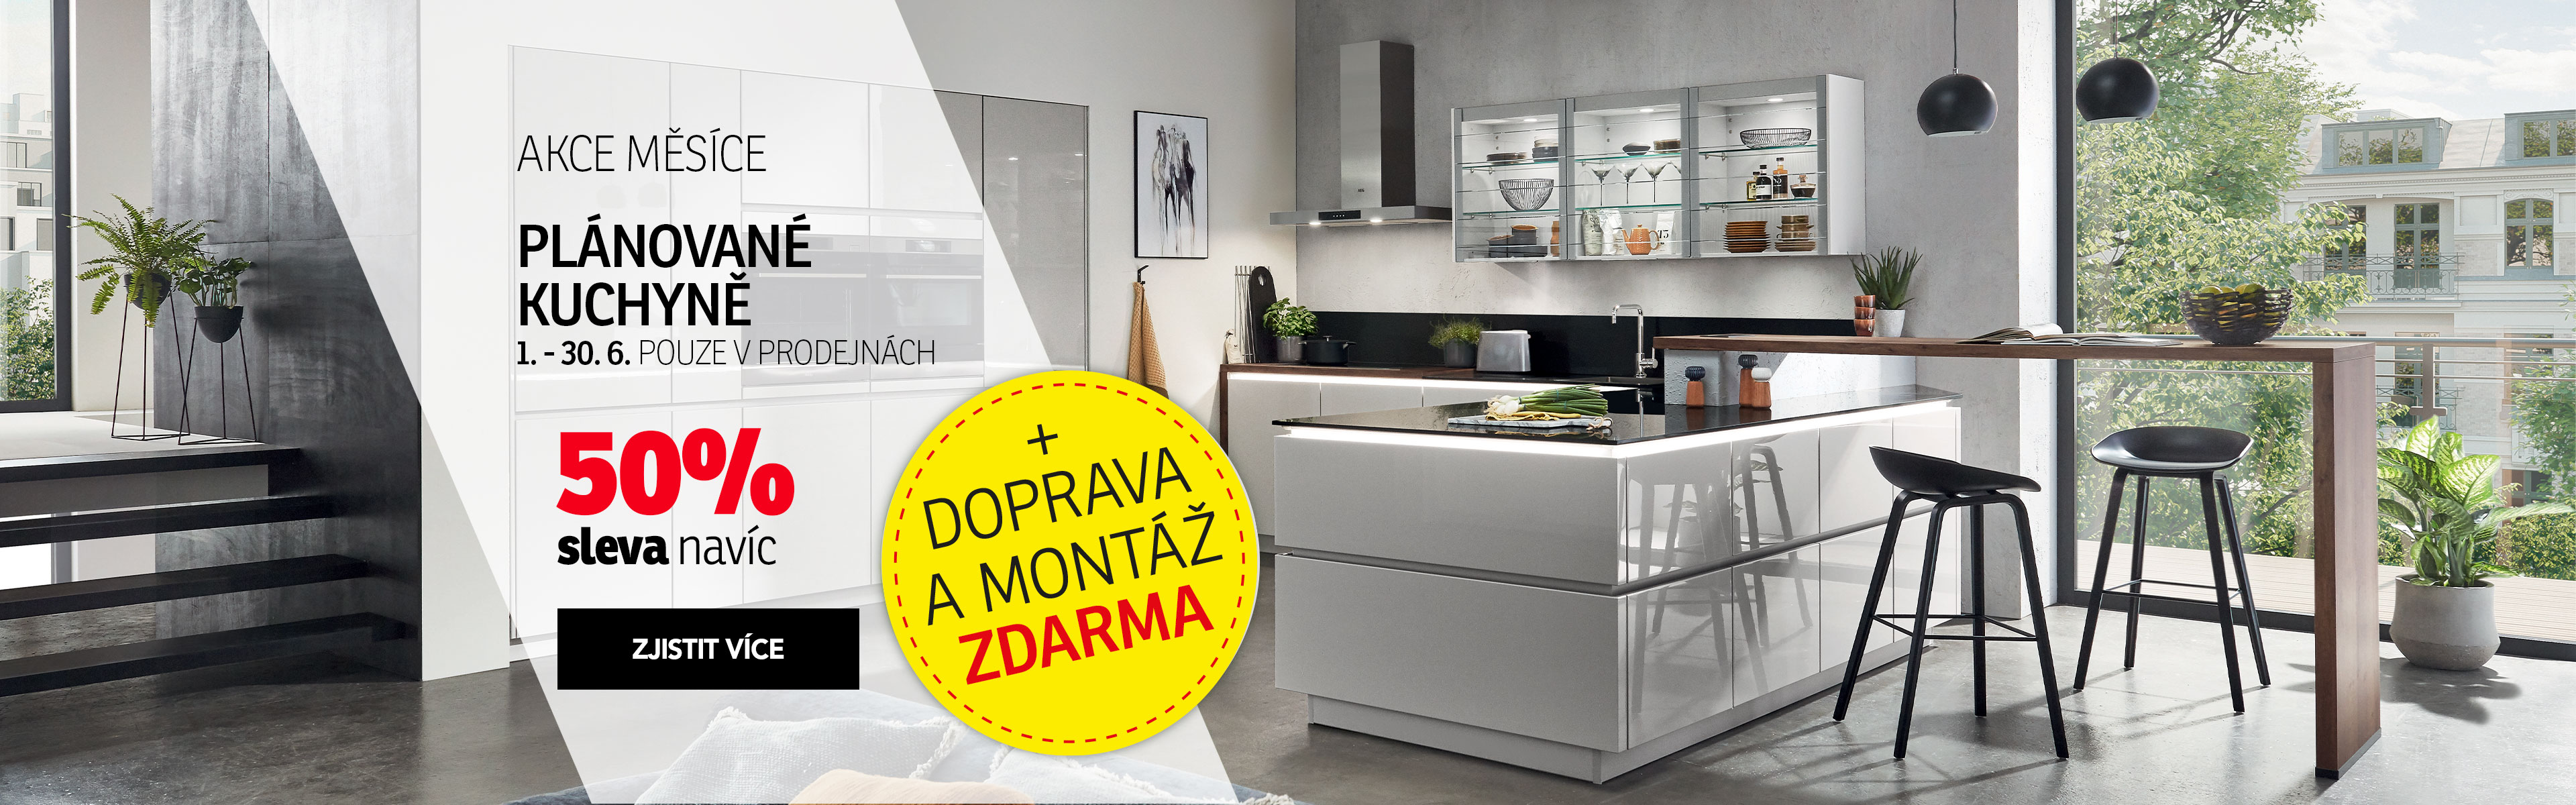 Kuchyně 50% + doprava a montáž zdarma 1-30_6-2021